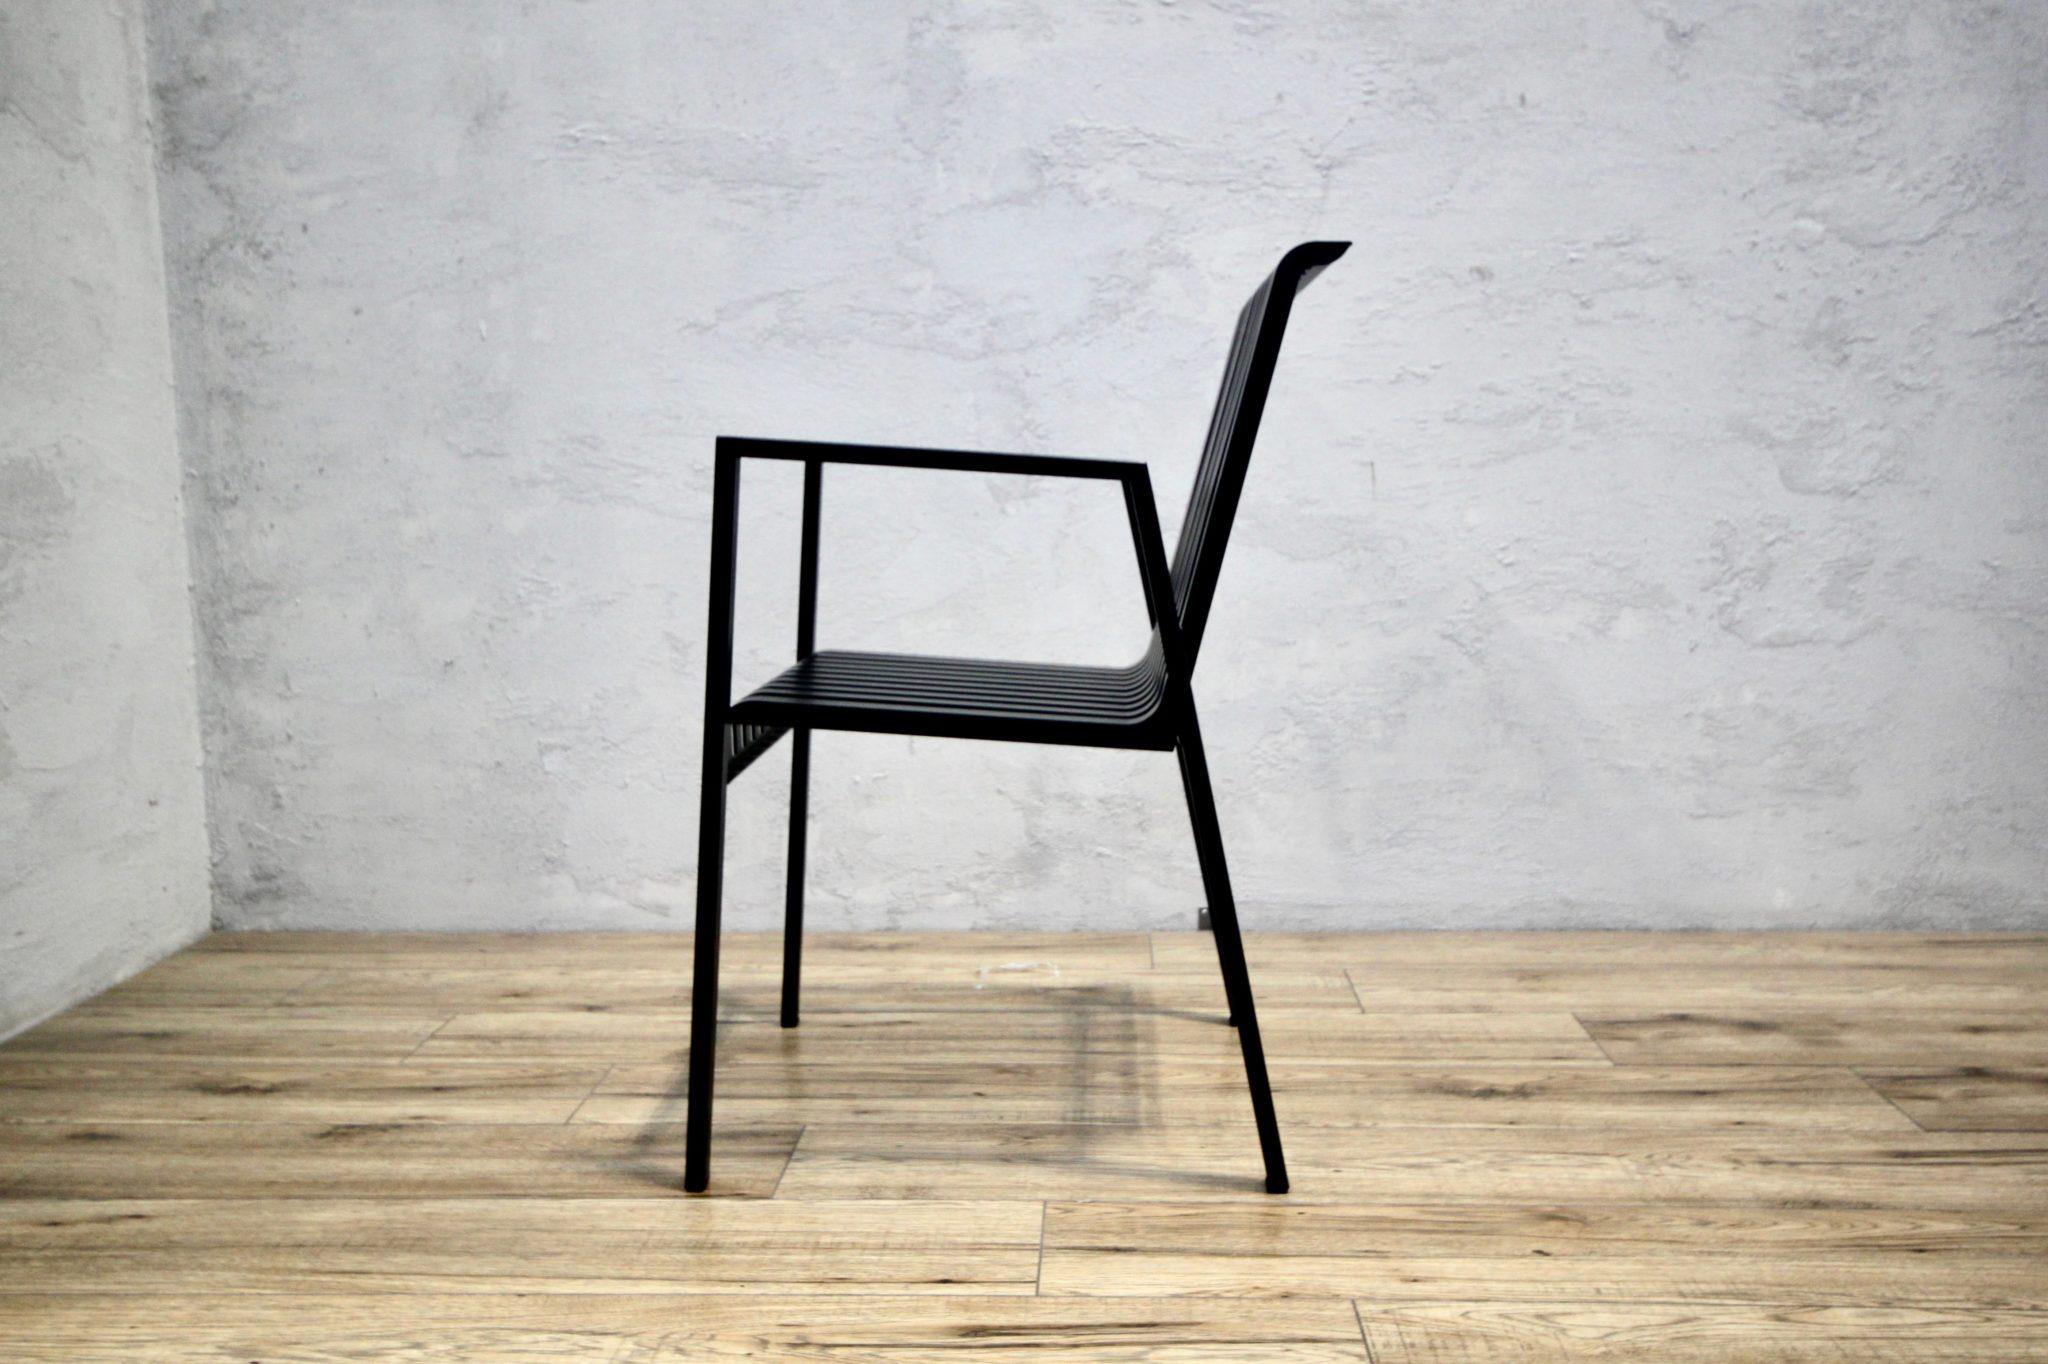 stalowe meble ogrodowe, stalowe krzesło, stalowy stół, metalowe krzesło, metalowe meble ogrodowe